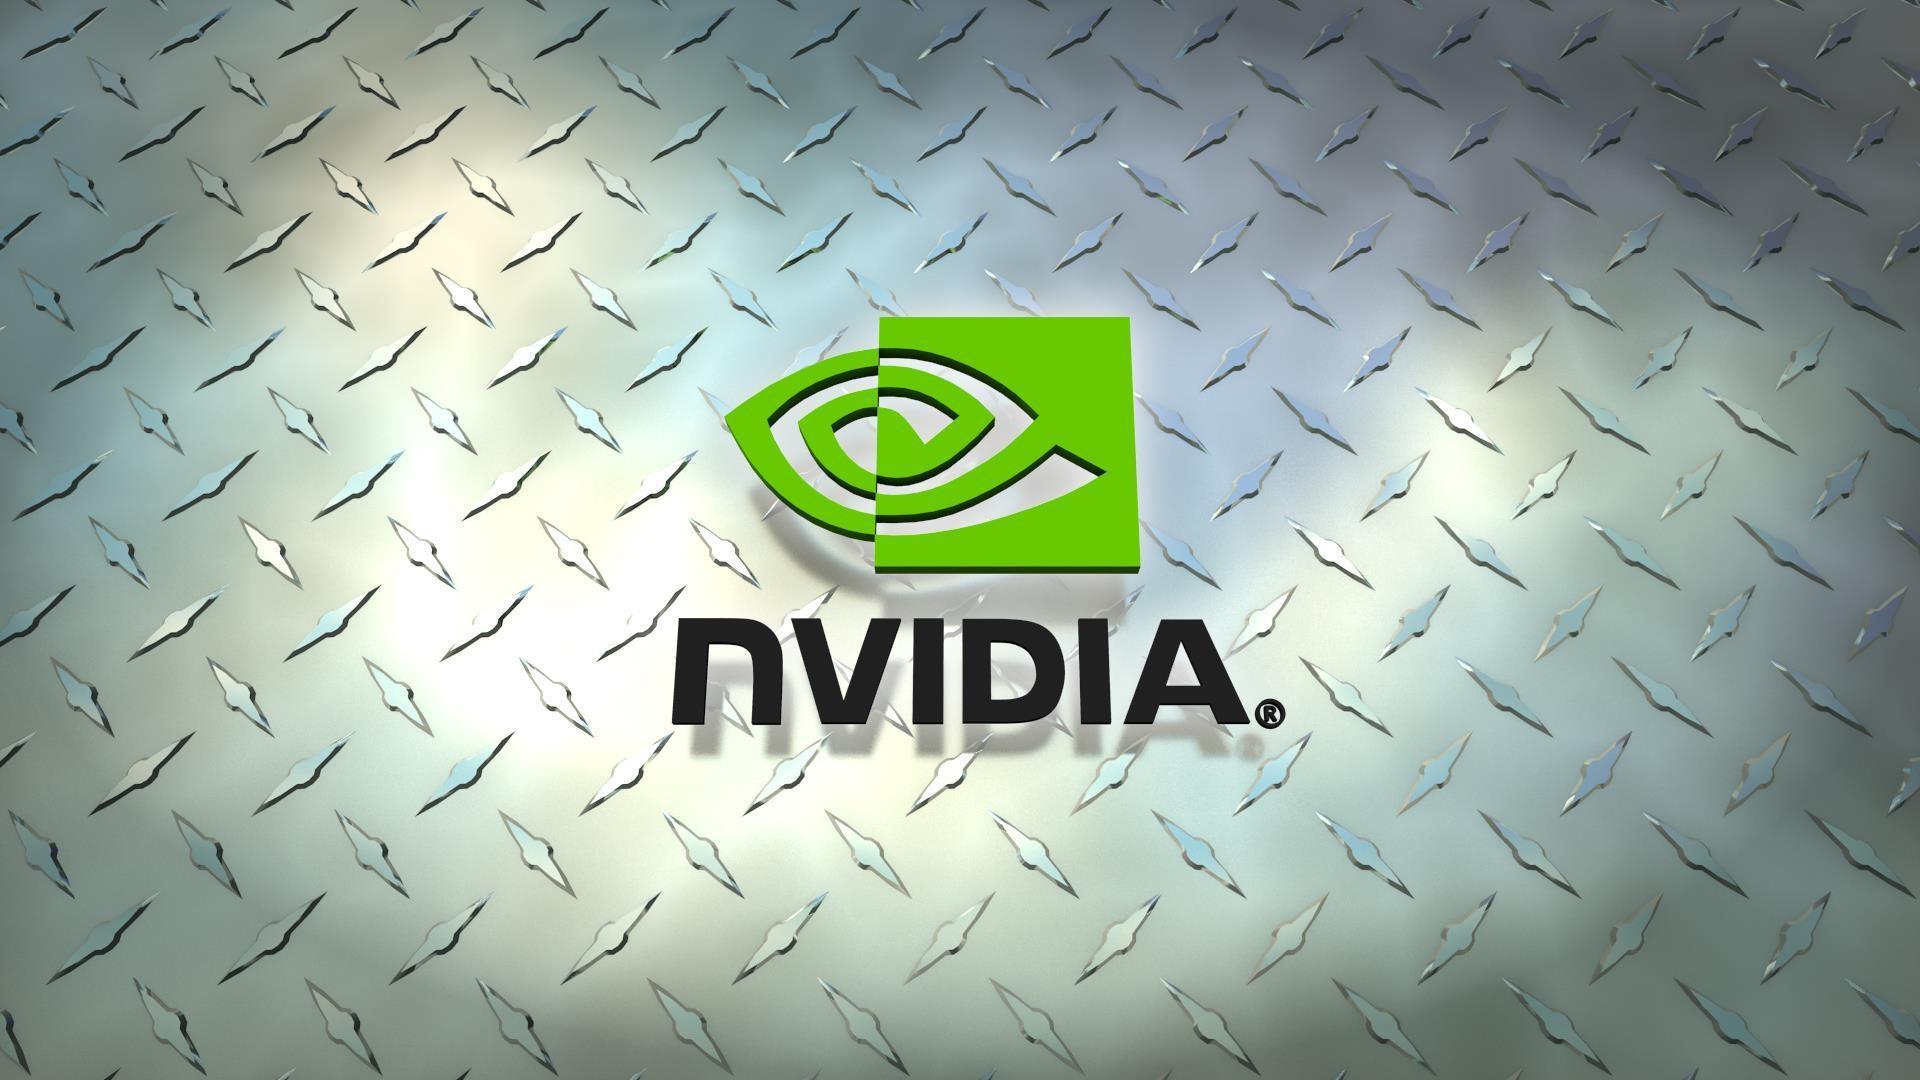 Nvidia Wallpaper by Inityx on DeviantArt